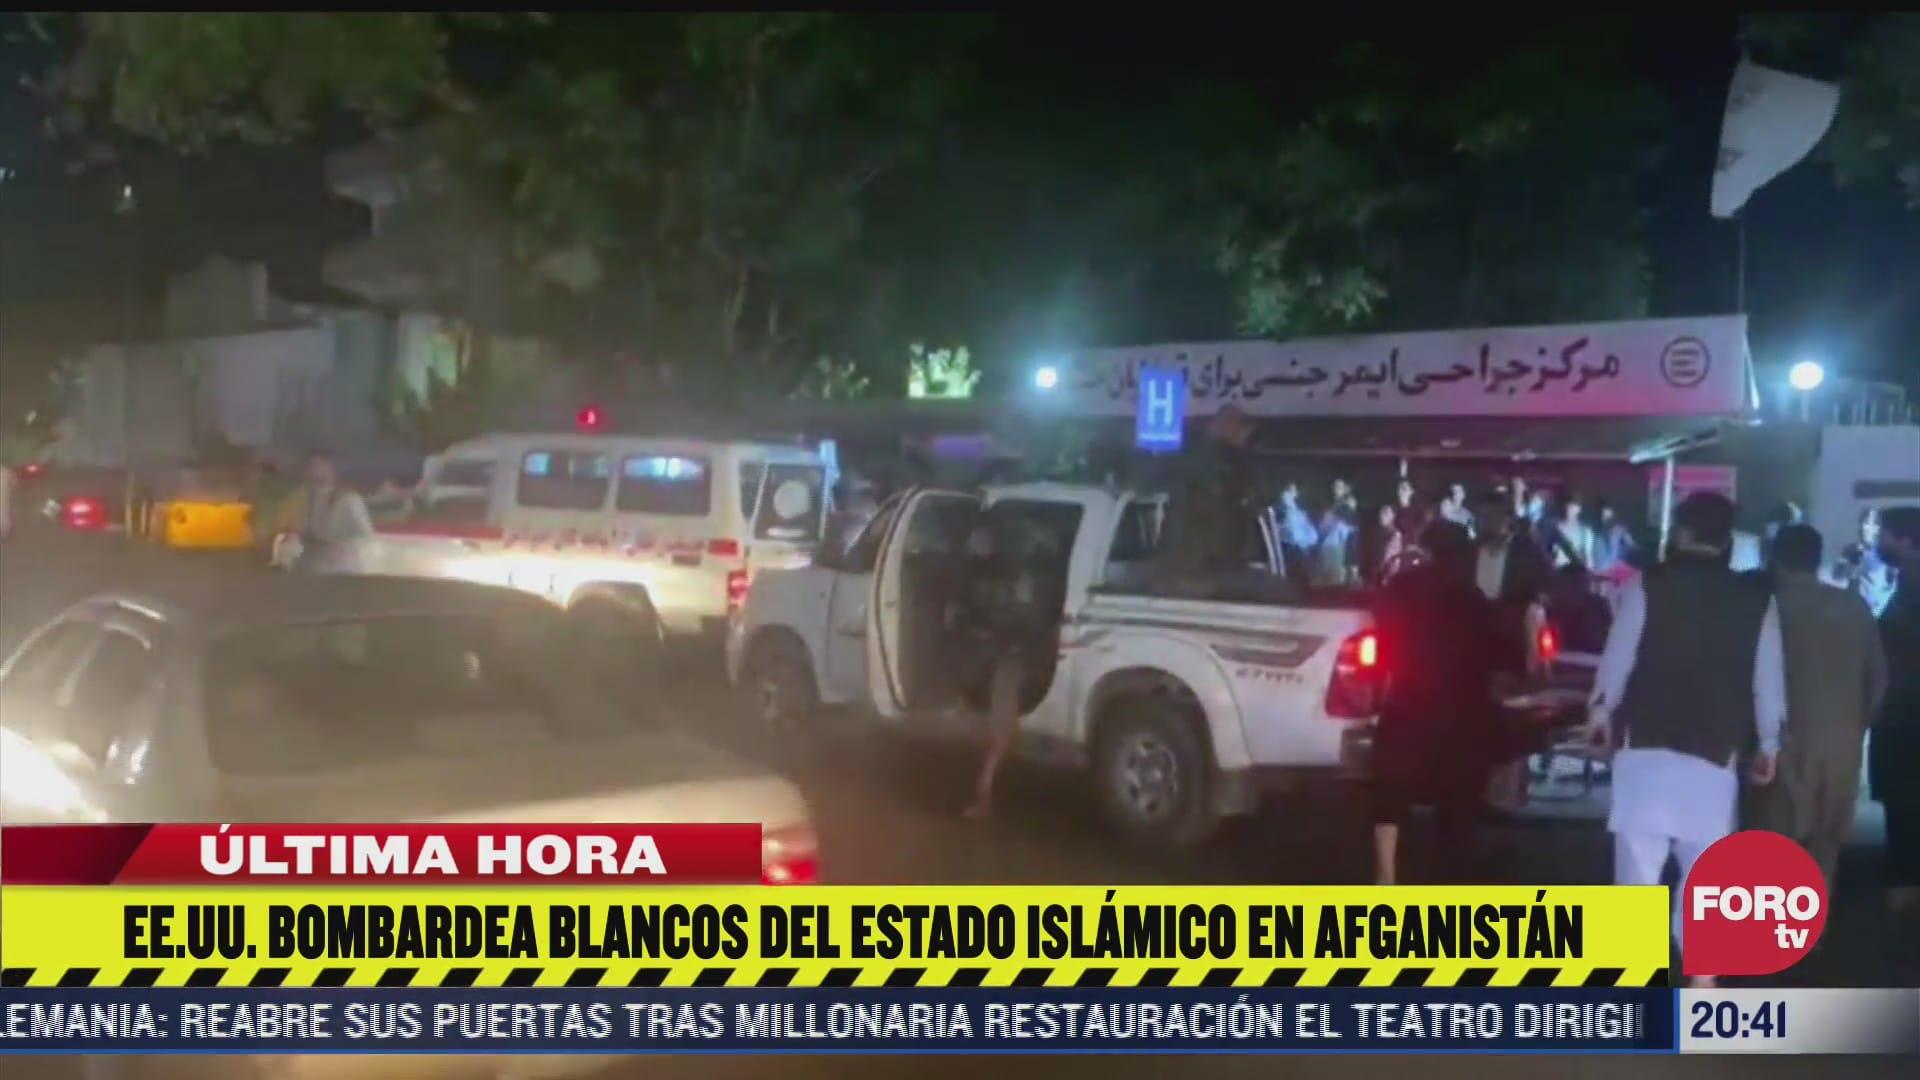 eeuu bombardea blancos del estado islamico en afganistan